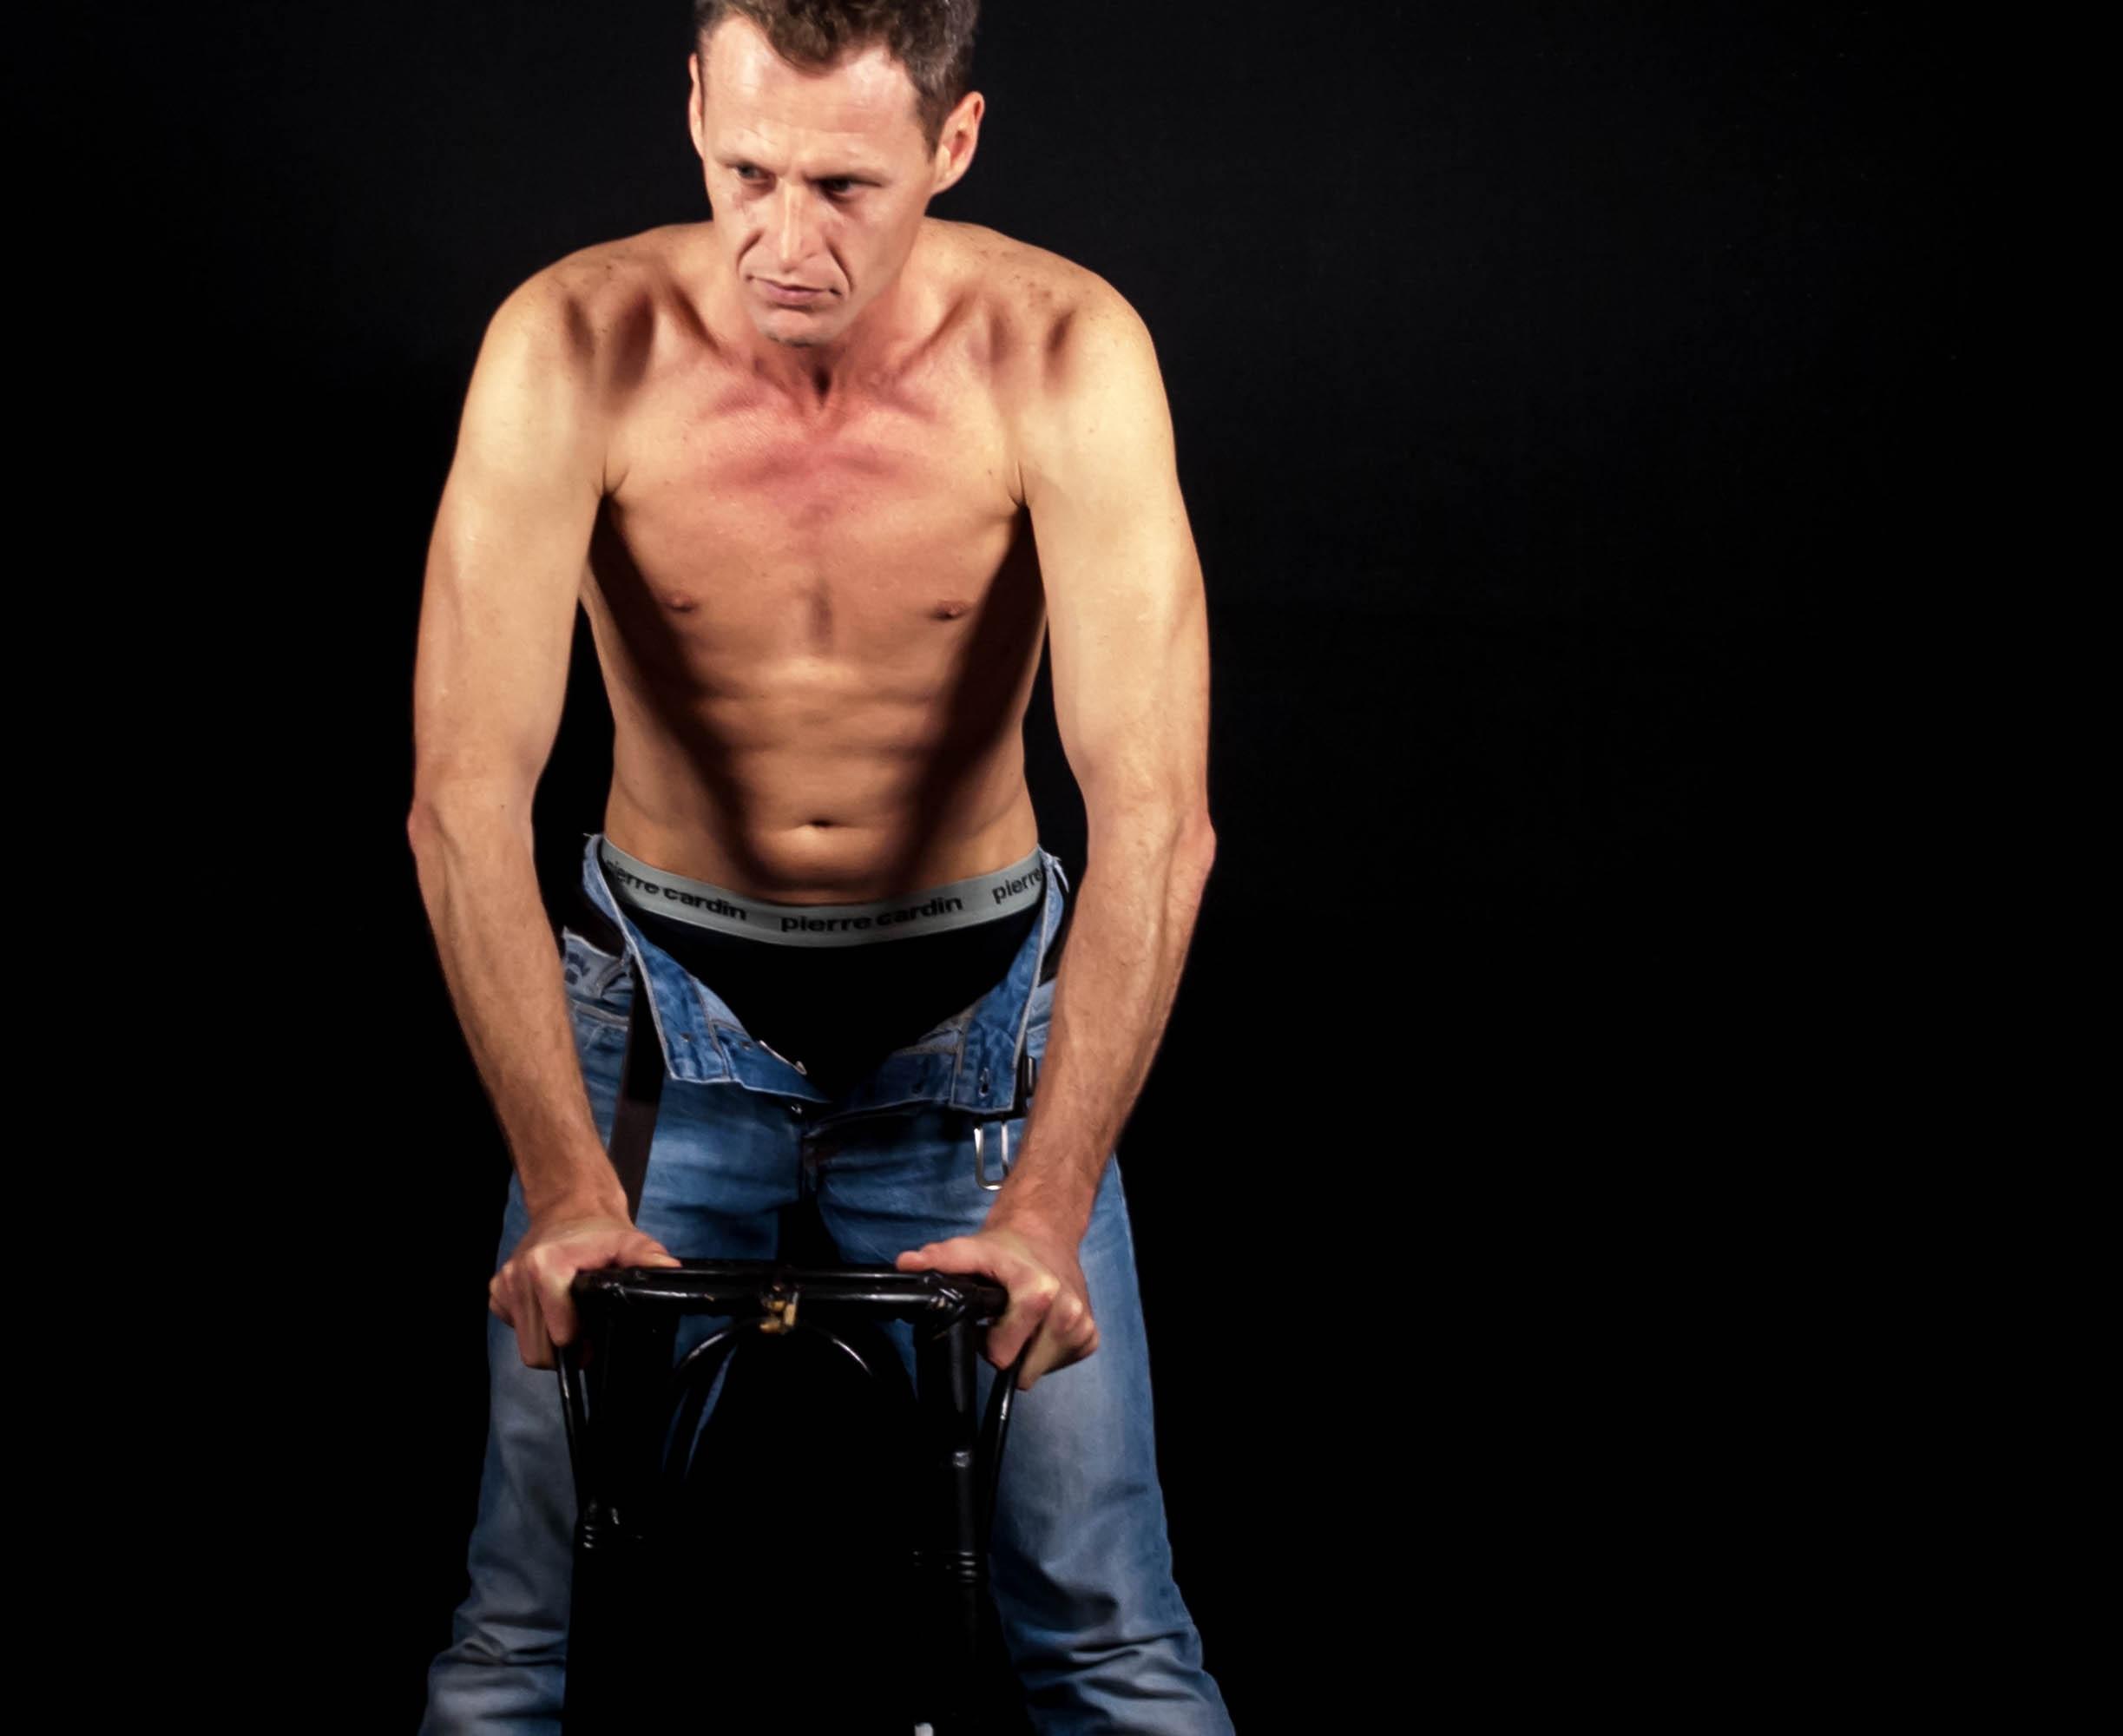 homme la personne mâle bras muscle poitrine corps humain étirage corps  posture attitude la musculation gymnastique 84b5eaf91f5